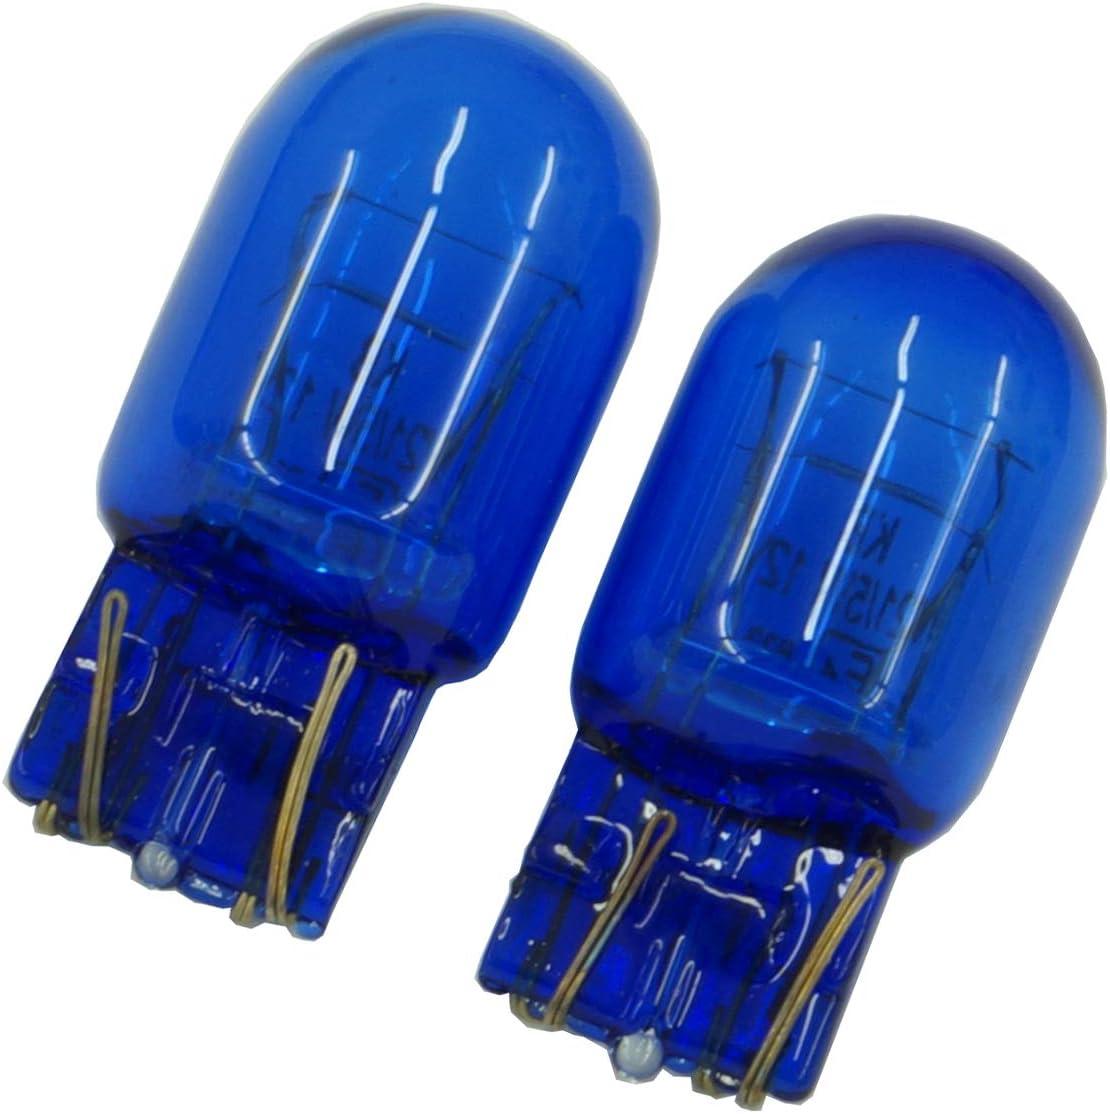 senza errori Canbus. 12 V Set di 2 luci di marcia diurna W21W T20 blu 21 W